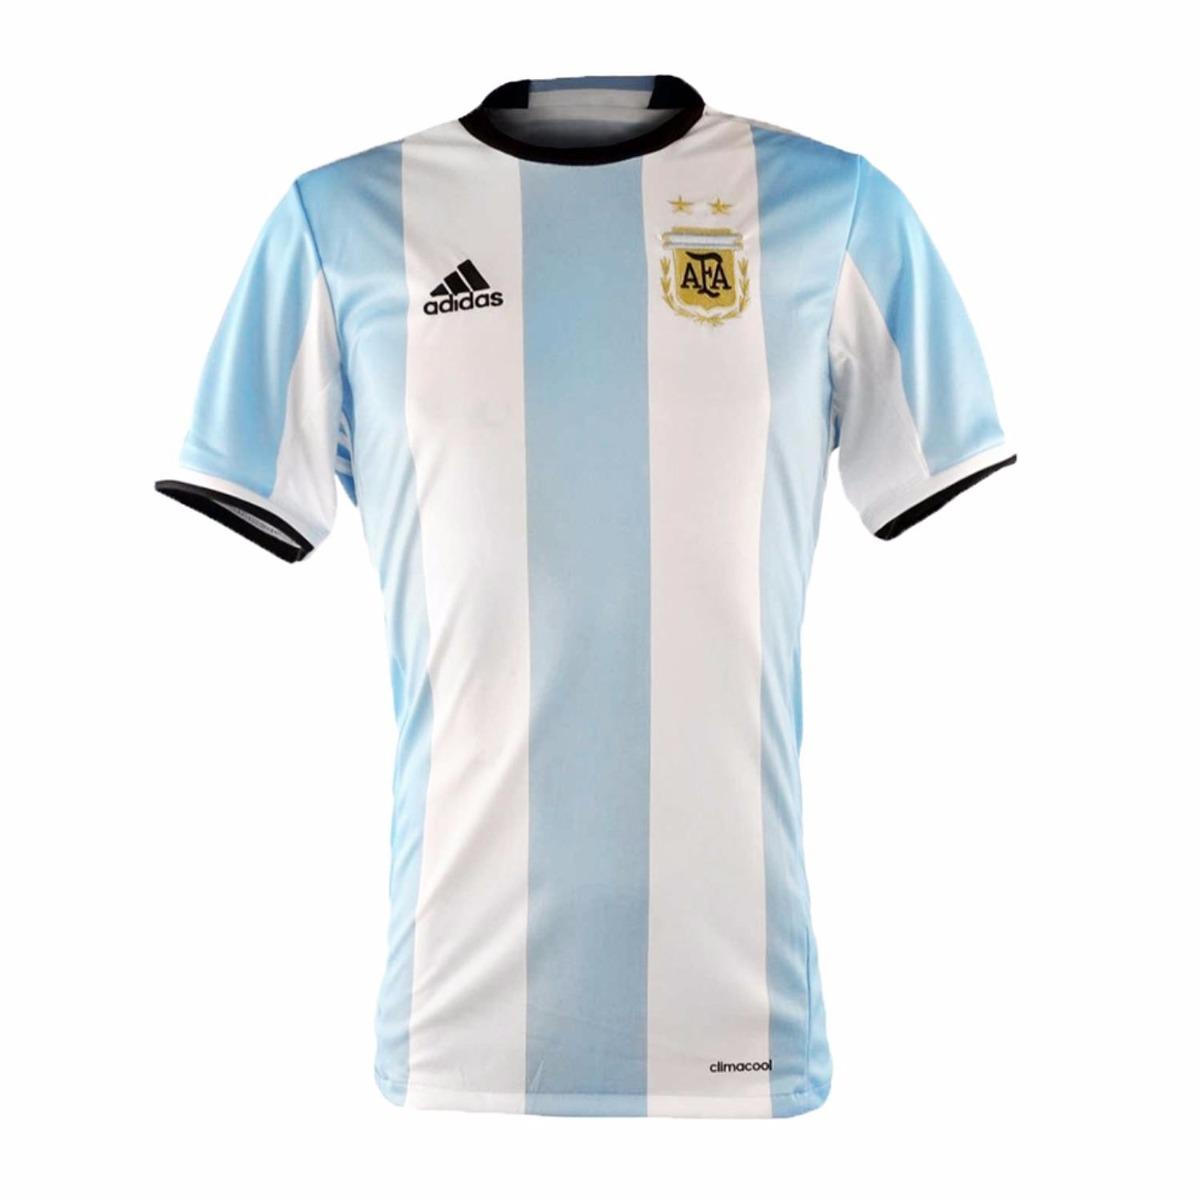 7bce472413 camiseta de argentina afa original adidas 2016-2017. Cargando zoom.